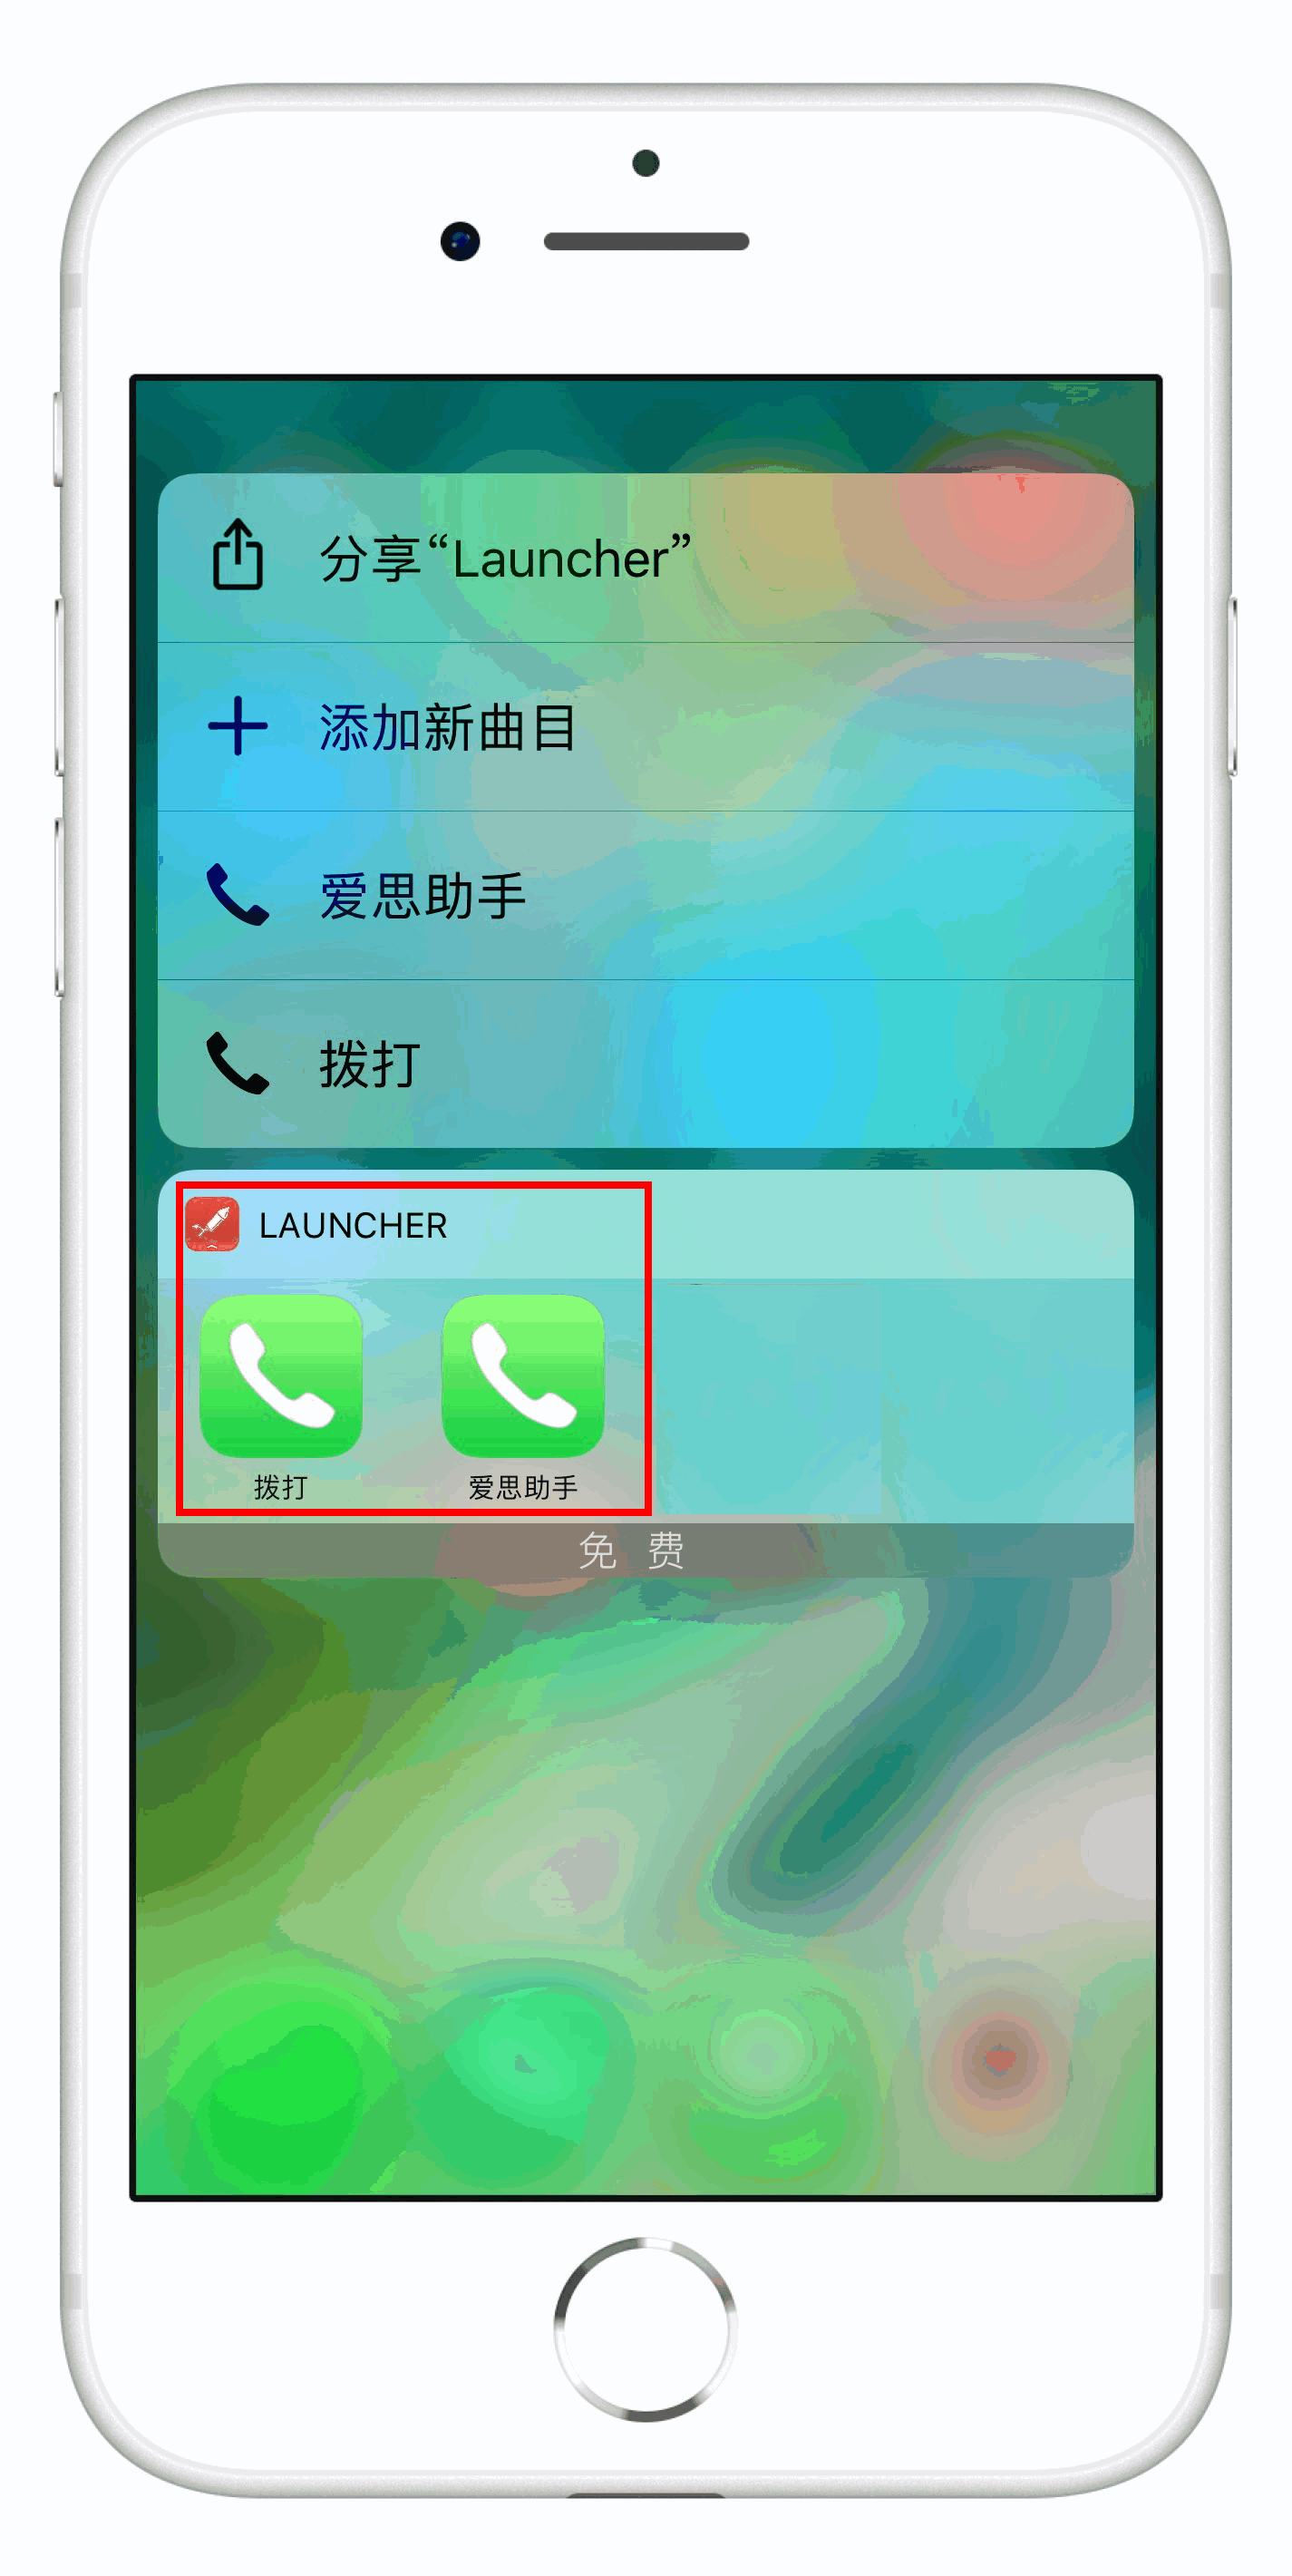 如何在 iPhone 上实现快捷拨号?